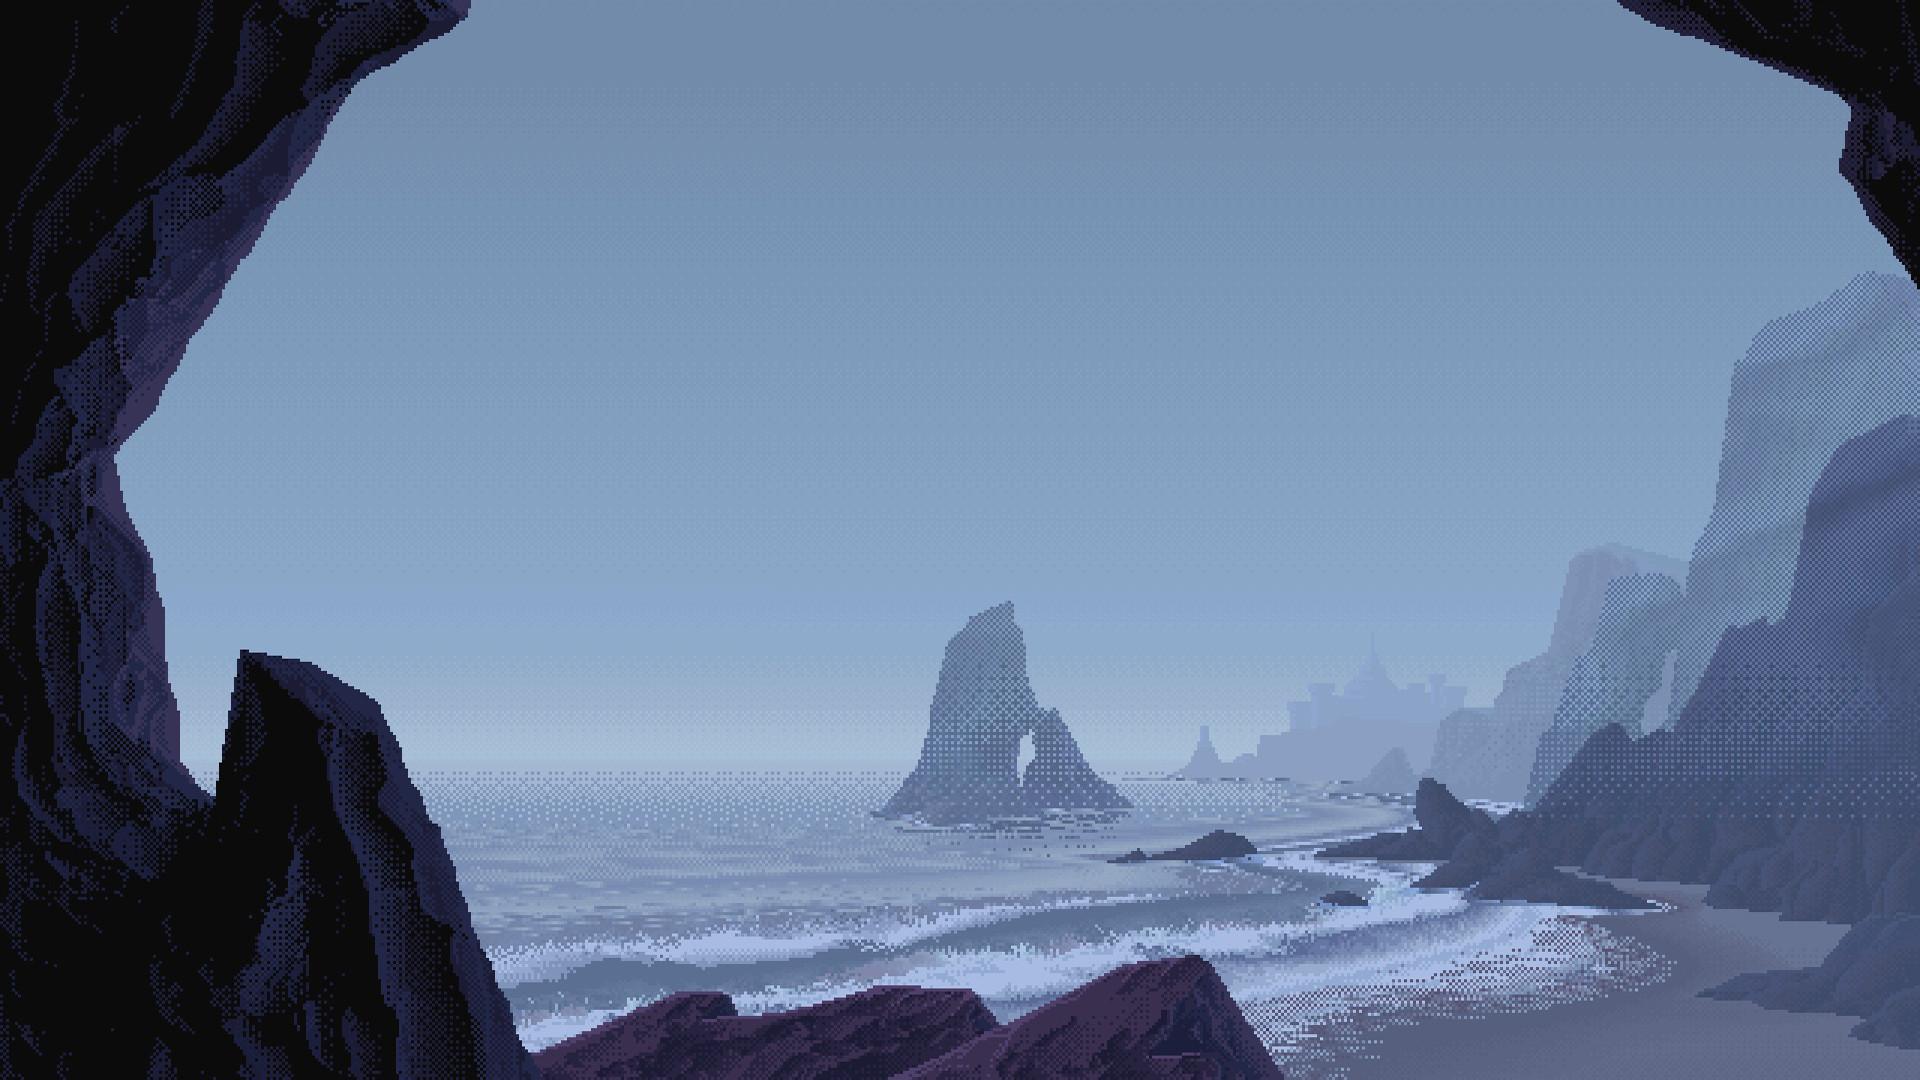 16-Bit Ocean View [1920×1080] …